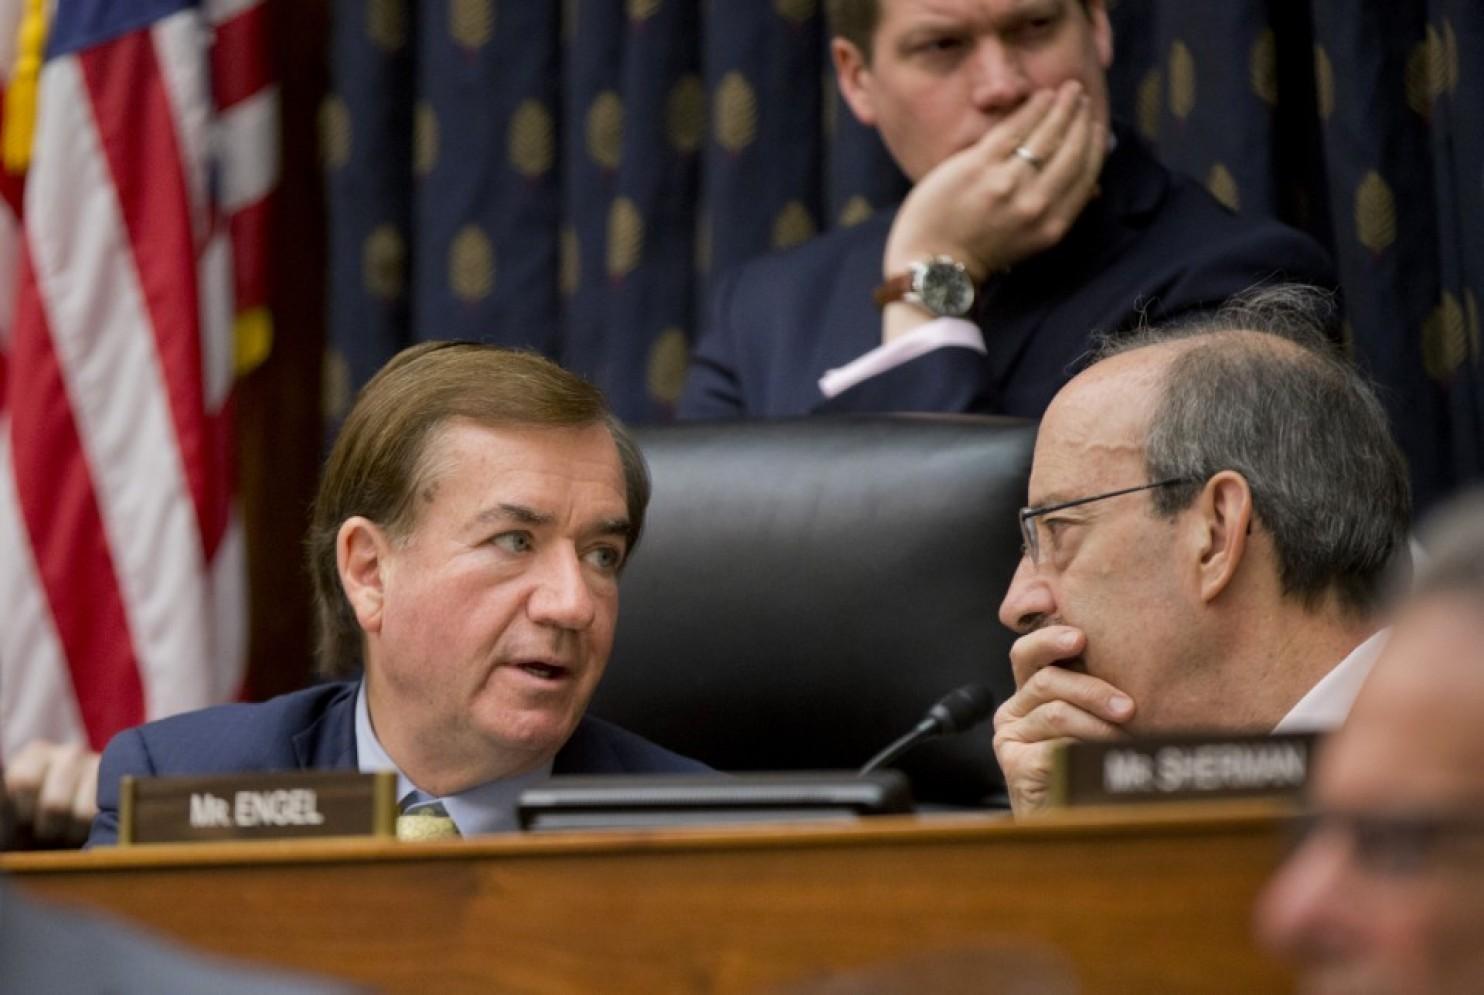 تمدید 10 ساله قانون تحریم های ایران در مجلس نمایندگان آمریکا